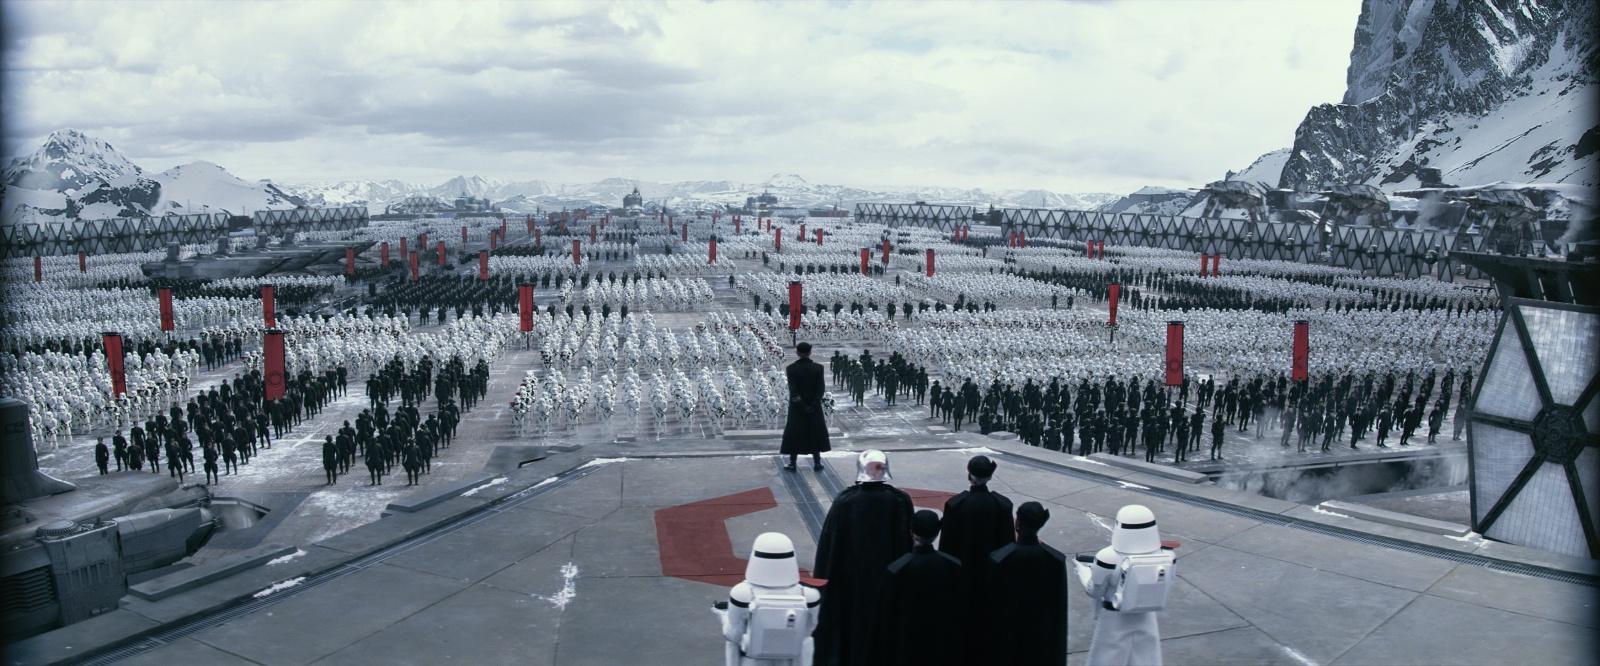 Star Wars : Le Réveil de la Force [Lucasfilm - 2015] 47023399w6